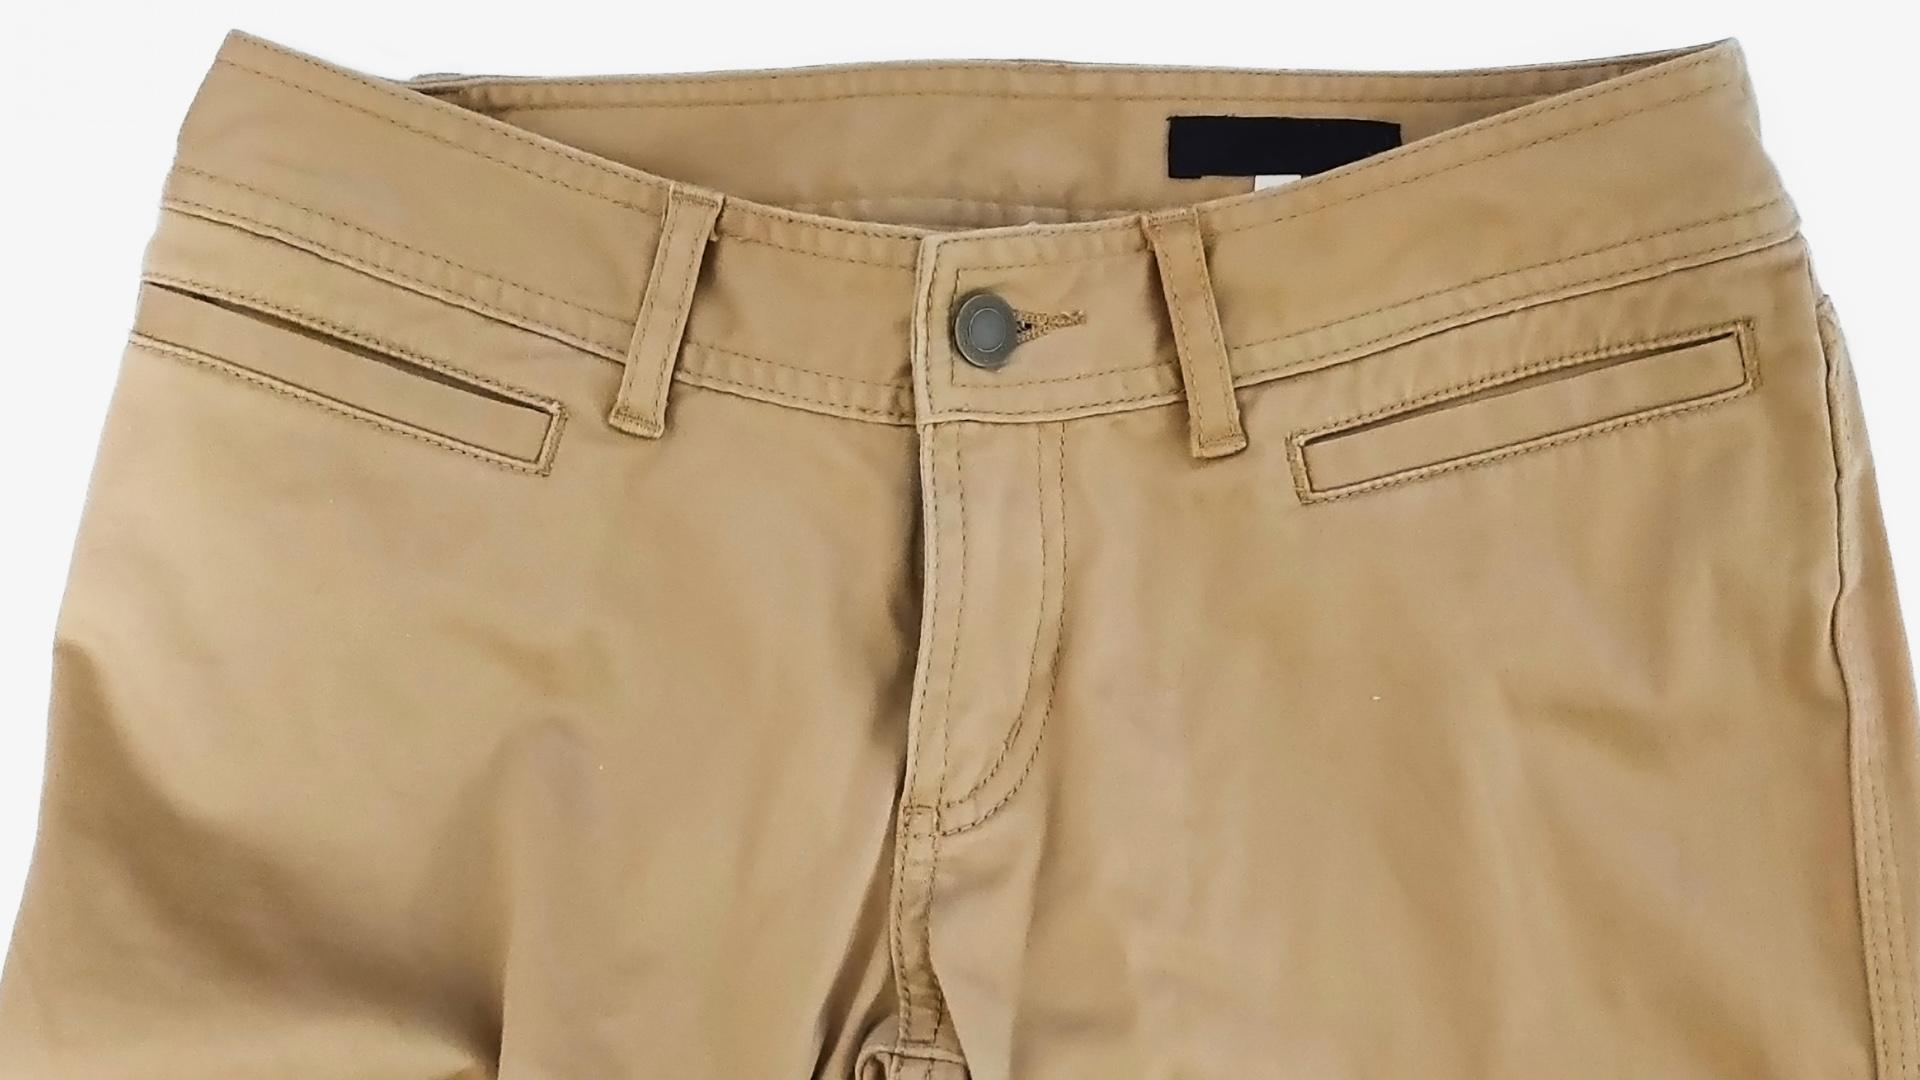 【メンズ】ダサいと思われるズボンの特徴10選!流行遅れです。